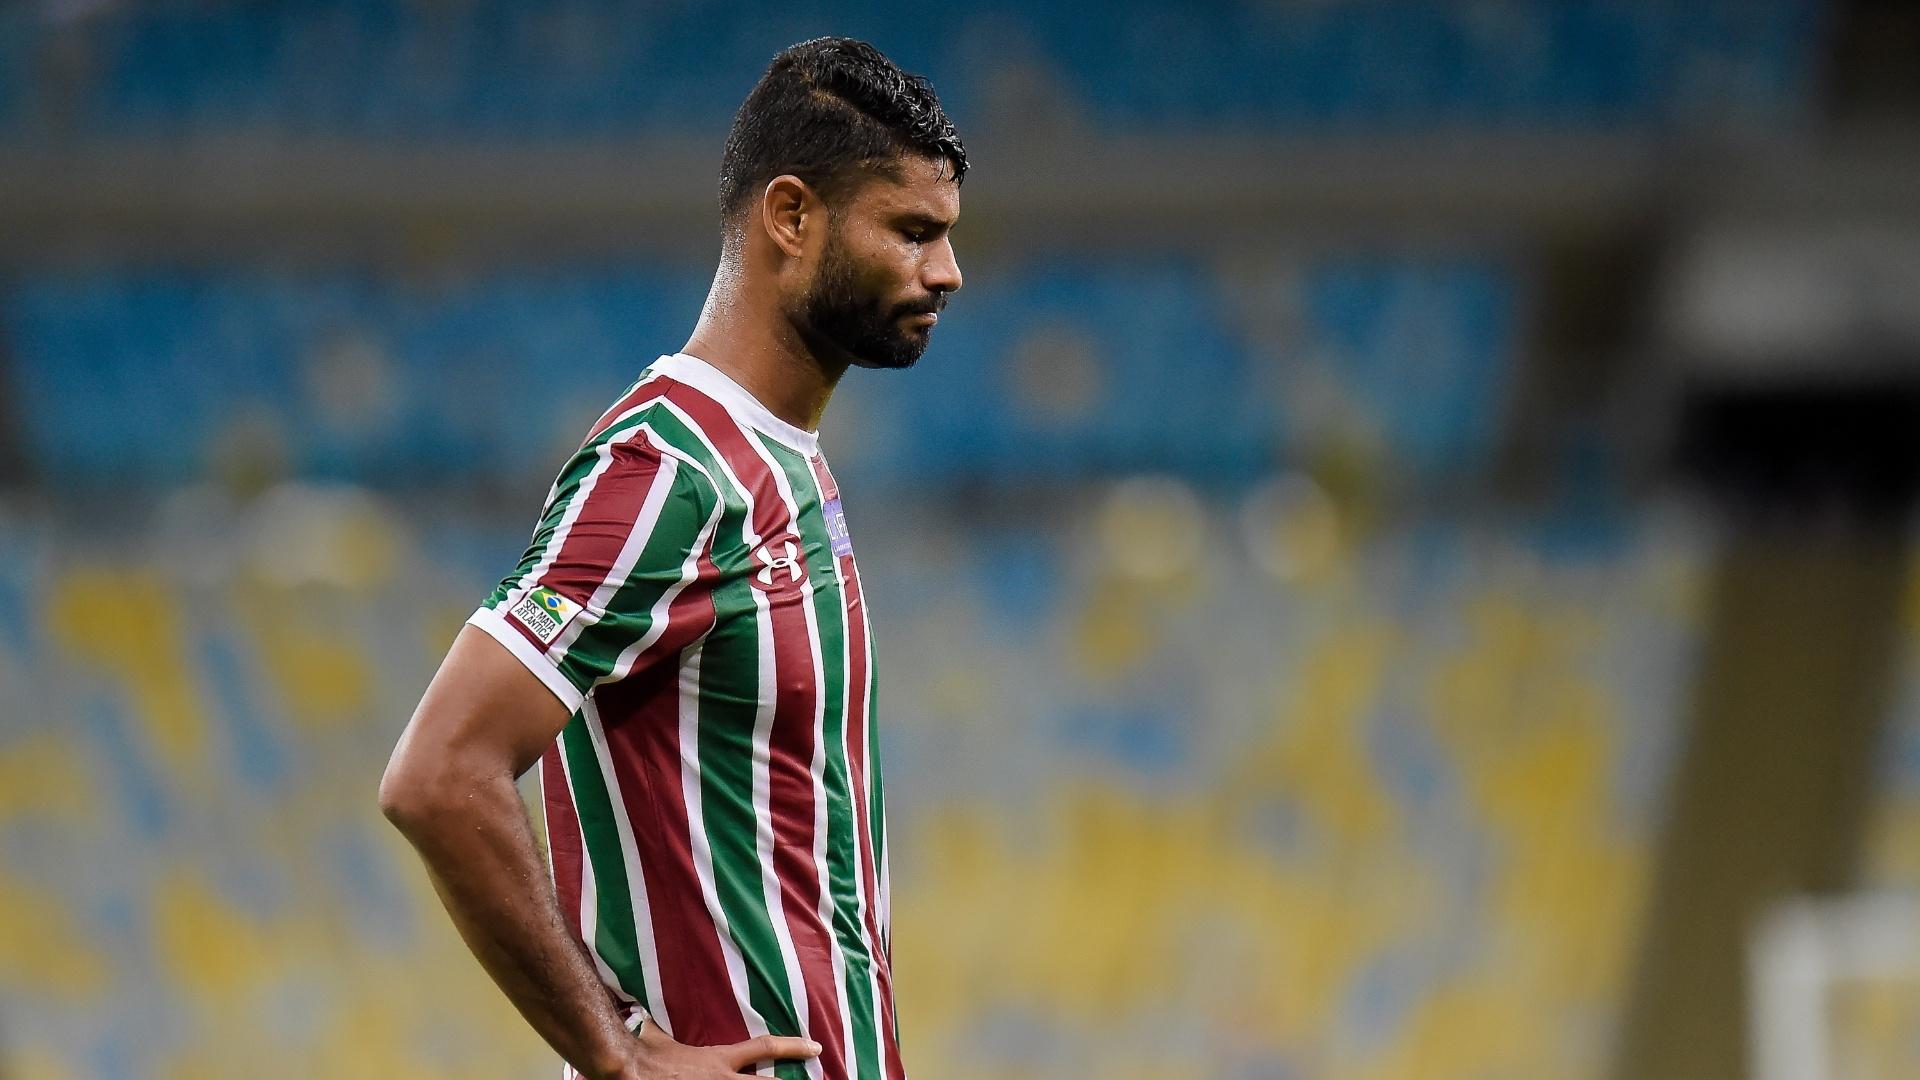 Zagueiro Gum em ação pelo Fluminense contra o Vitória